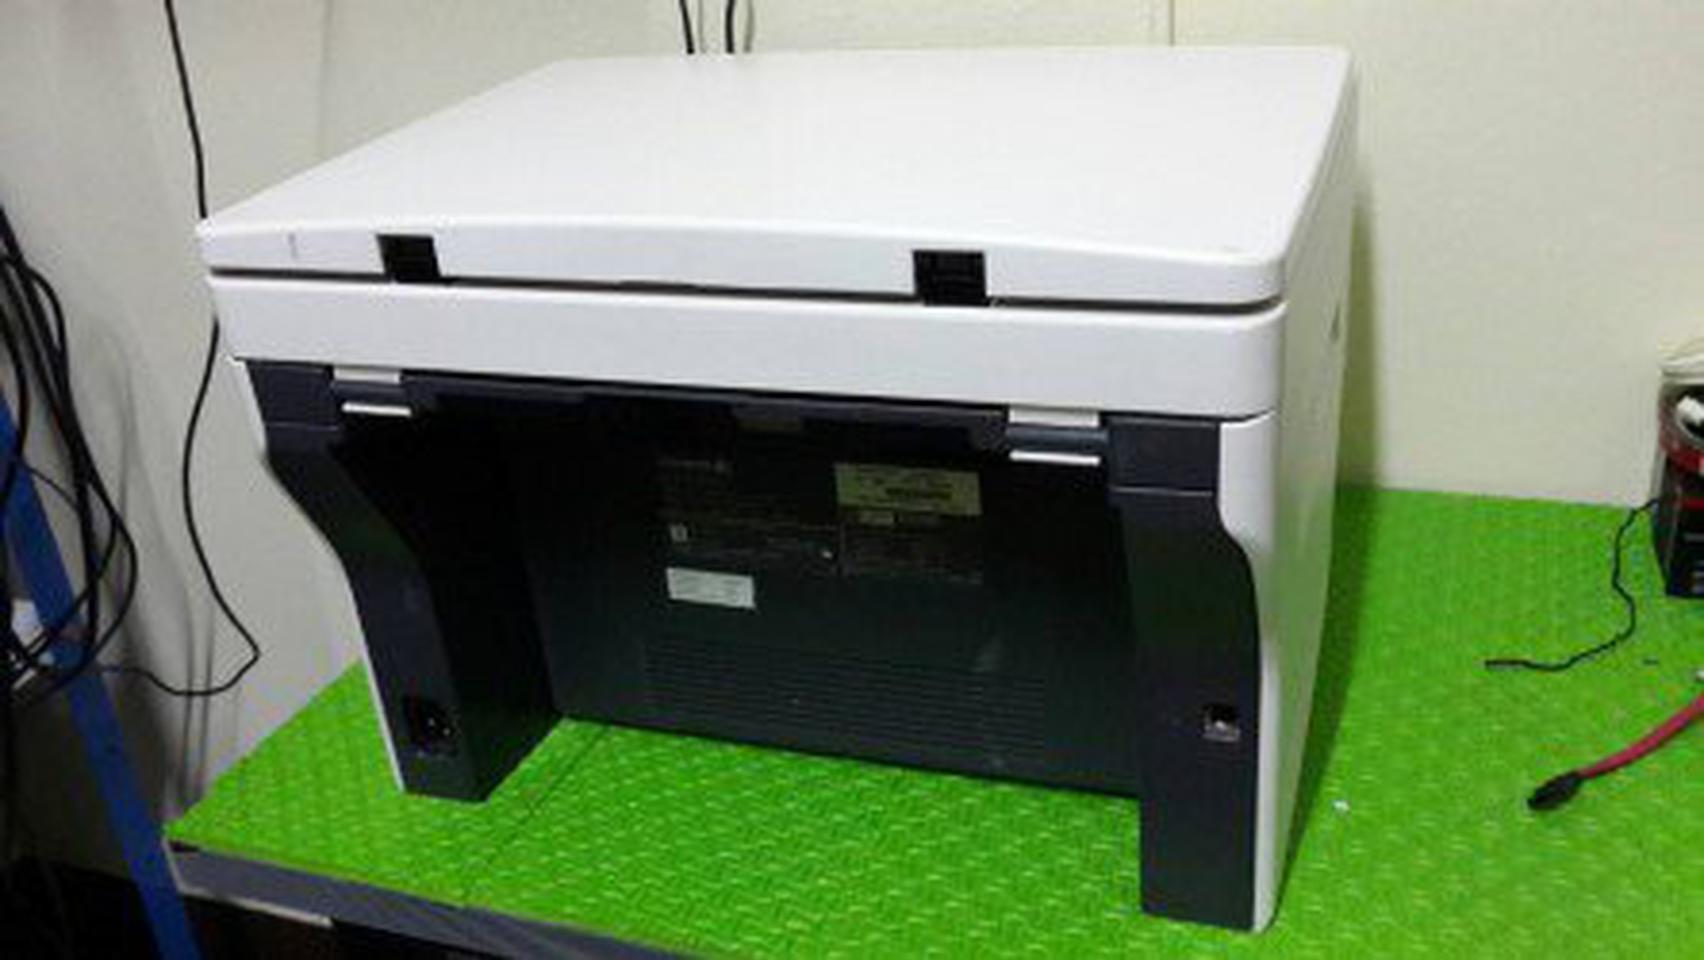 เครื่องปริ้นเตอร์ เลเซอร์ Fuji Xerox (M215b) รูปที่ 5